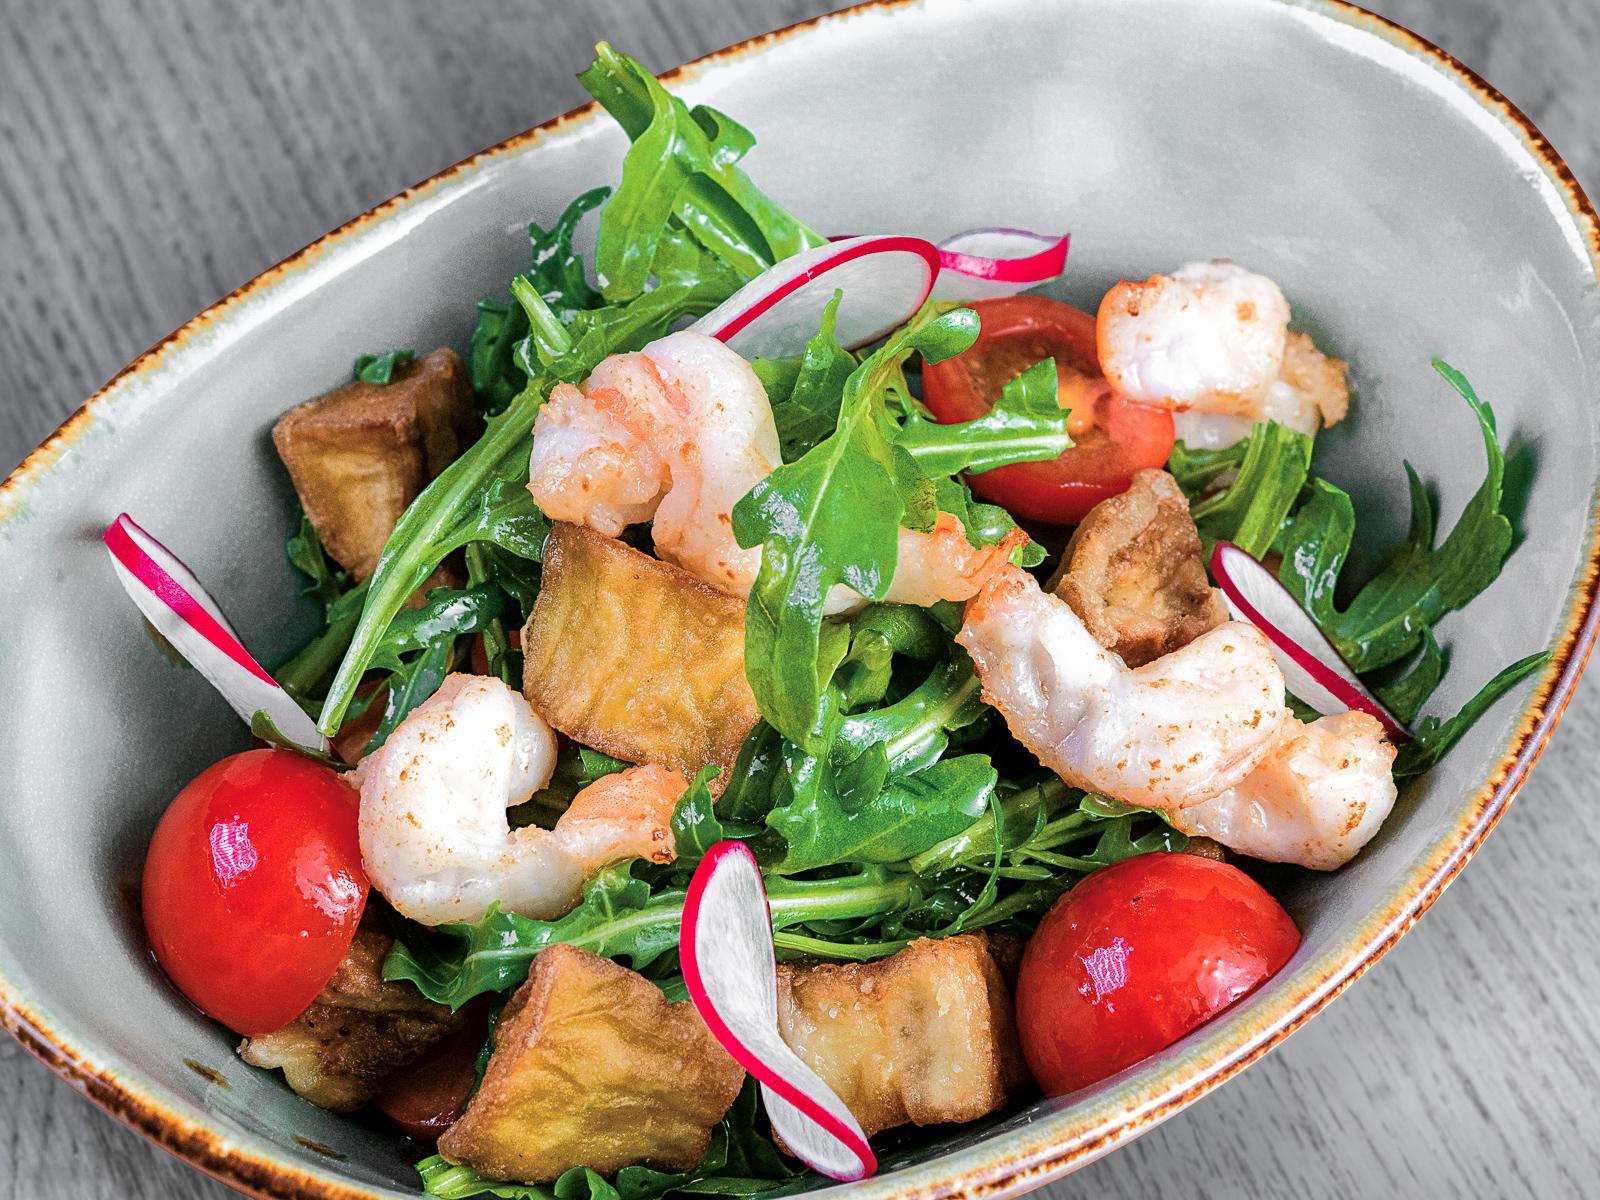 Салат с хрустящими баклажанами, креветками и цитрусовой заправкой